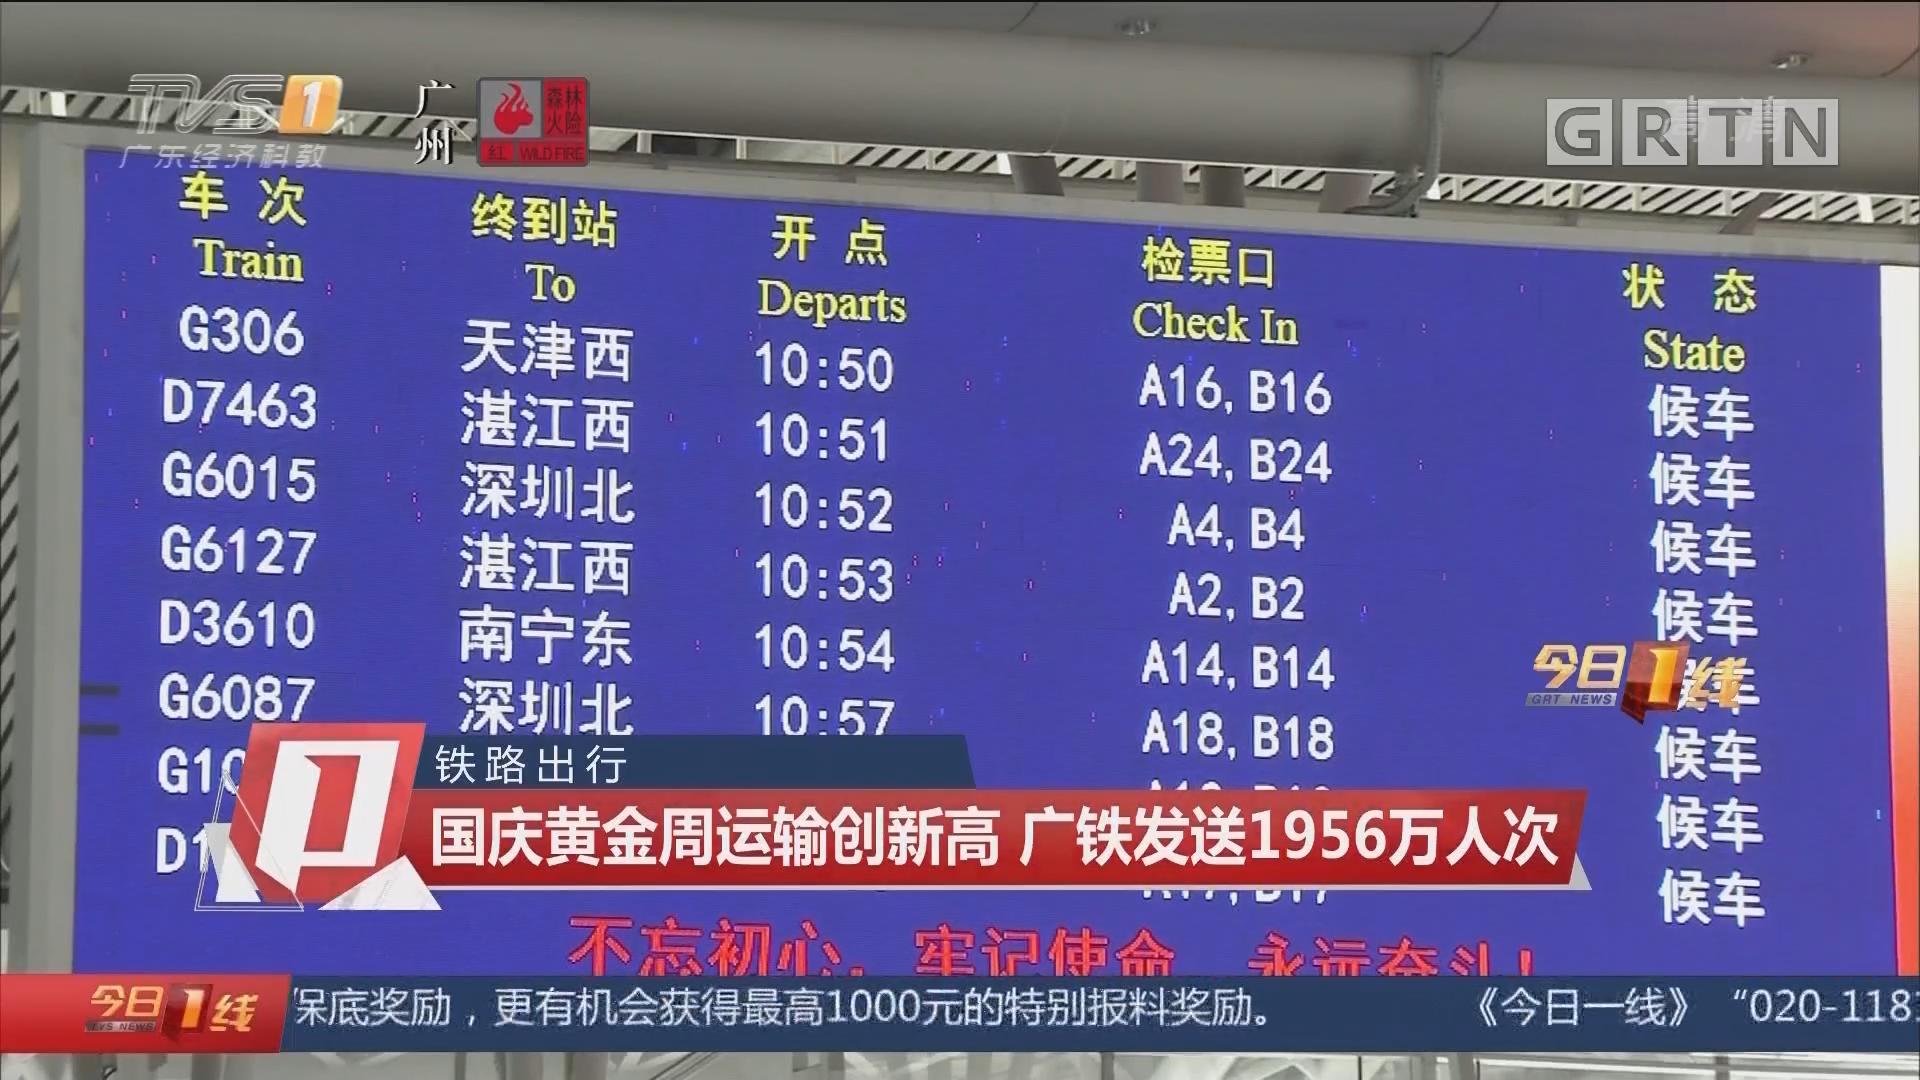 铁路出行:国庆黄金周运输创新高 广铁发送1956万人次